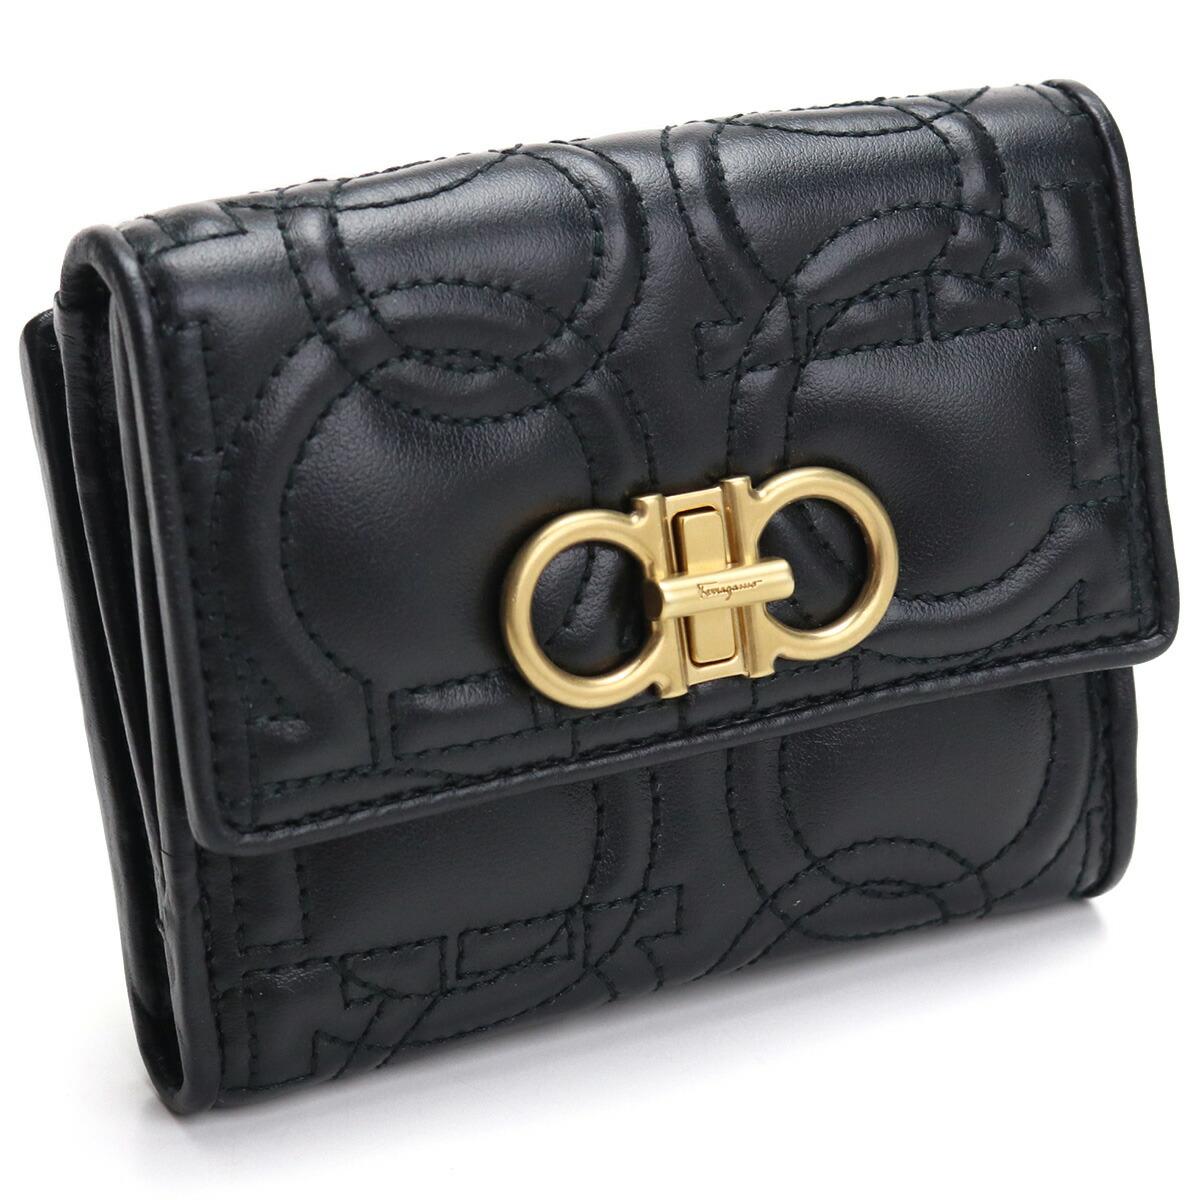 フェラガモ FERRAGAMO  2つ折り財布 ブランド財布 ミニ財布 コンパクト財布 22-D339 0695499 NERO ブラック gsw-2